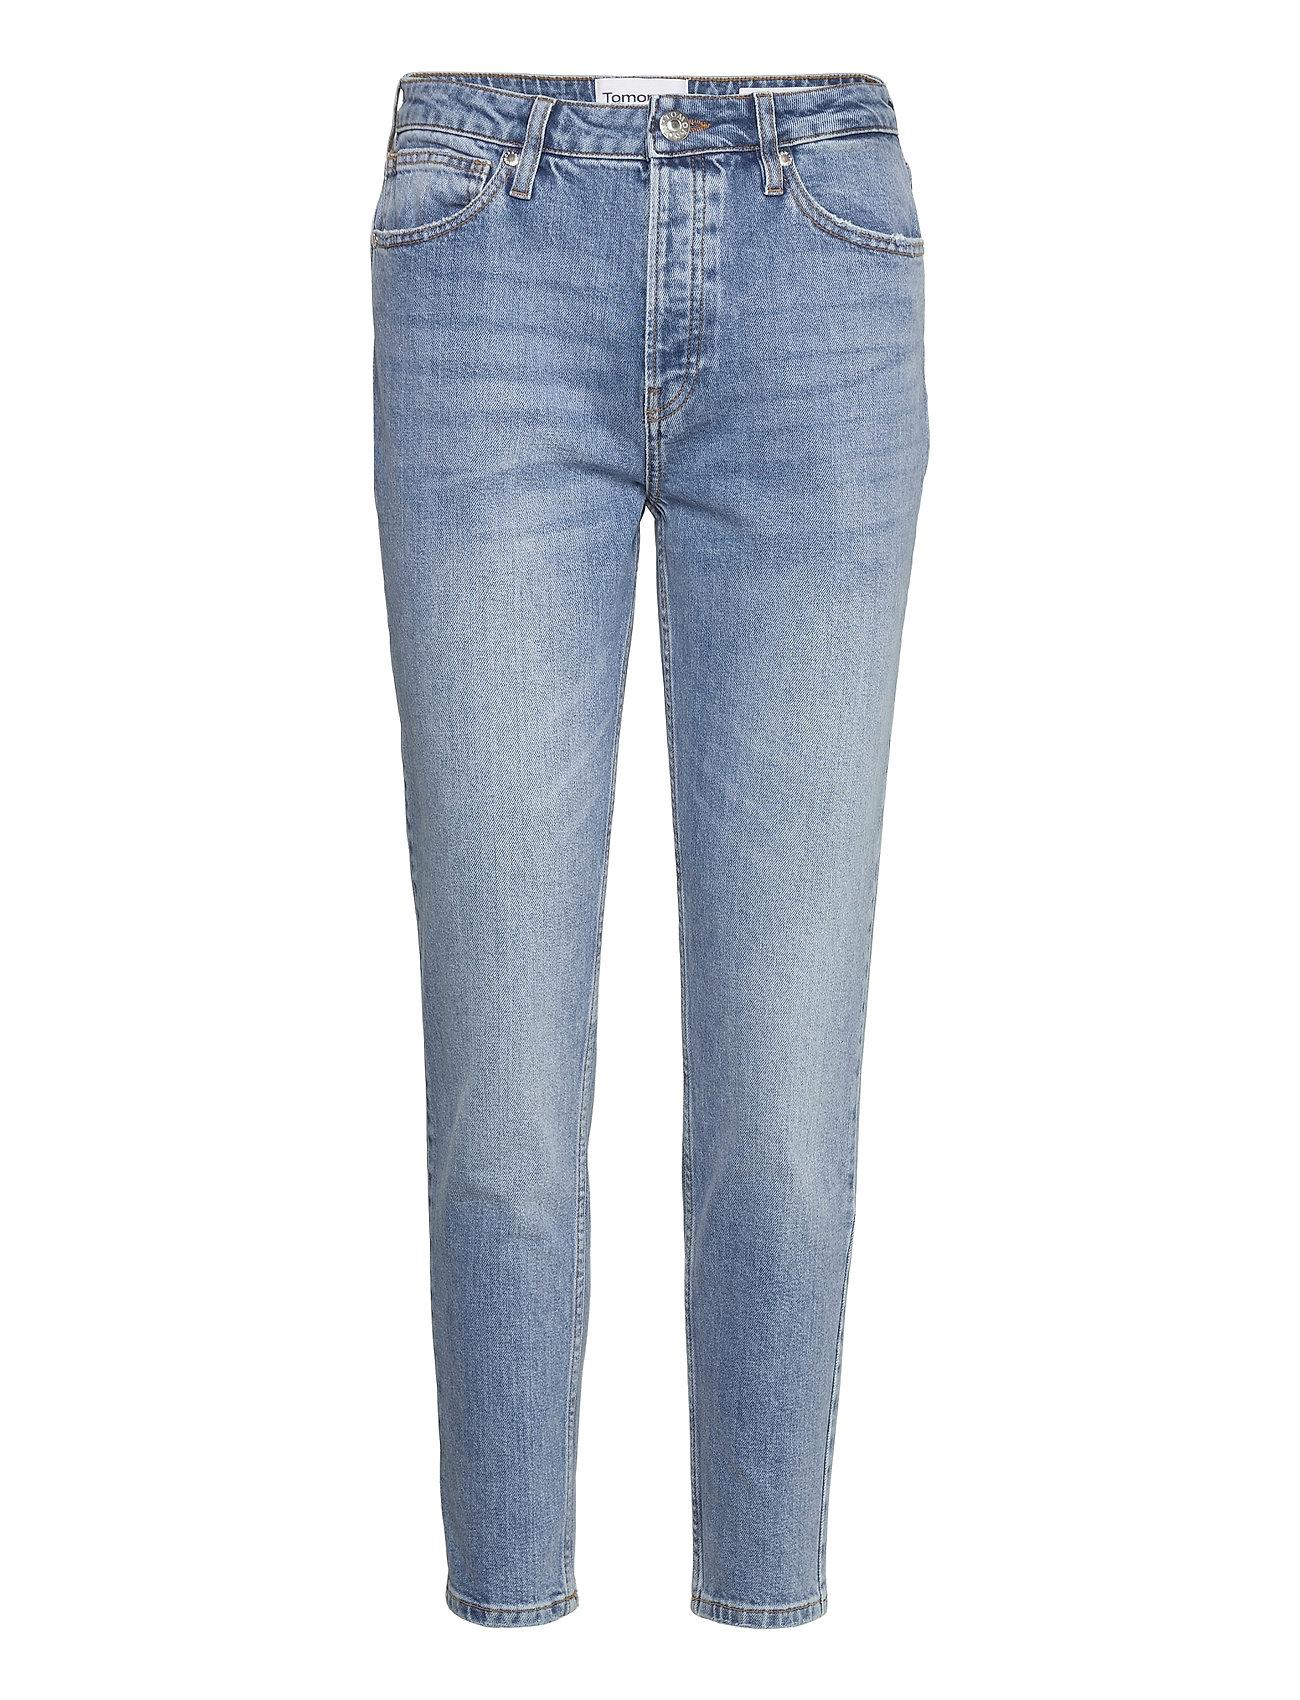 Image of Hepburn Hw Mom Key West Lige Jeans Blå Tomorrow (3452242533)